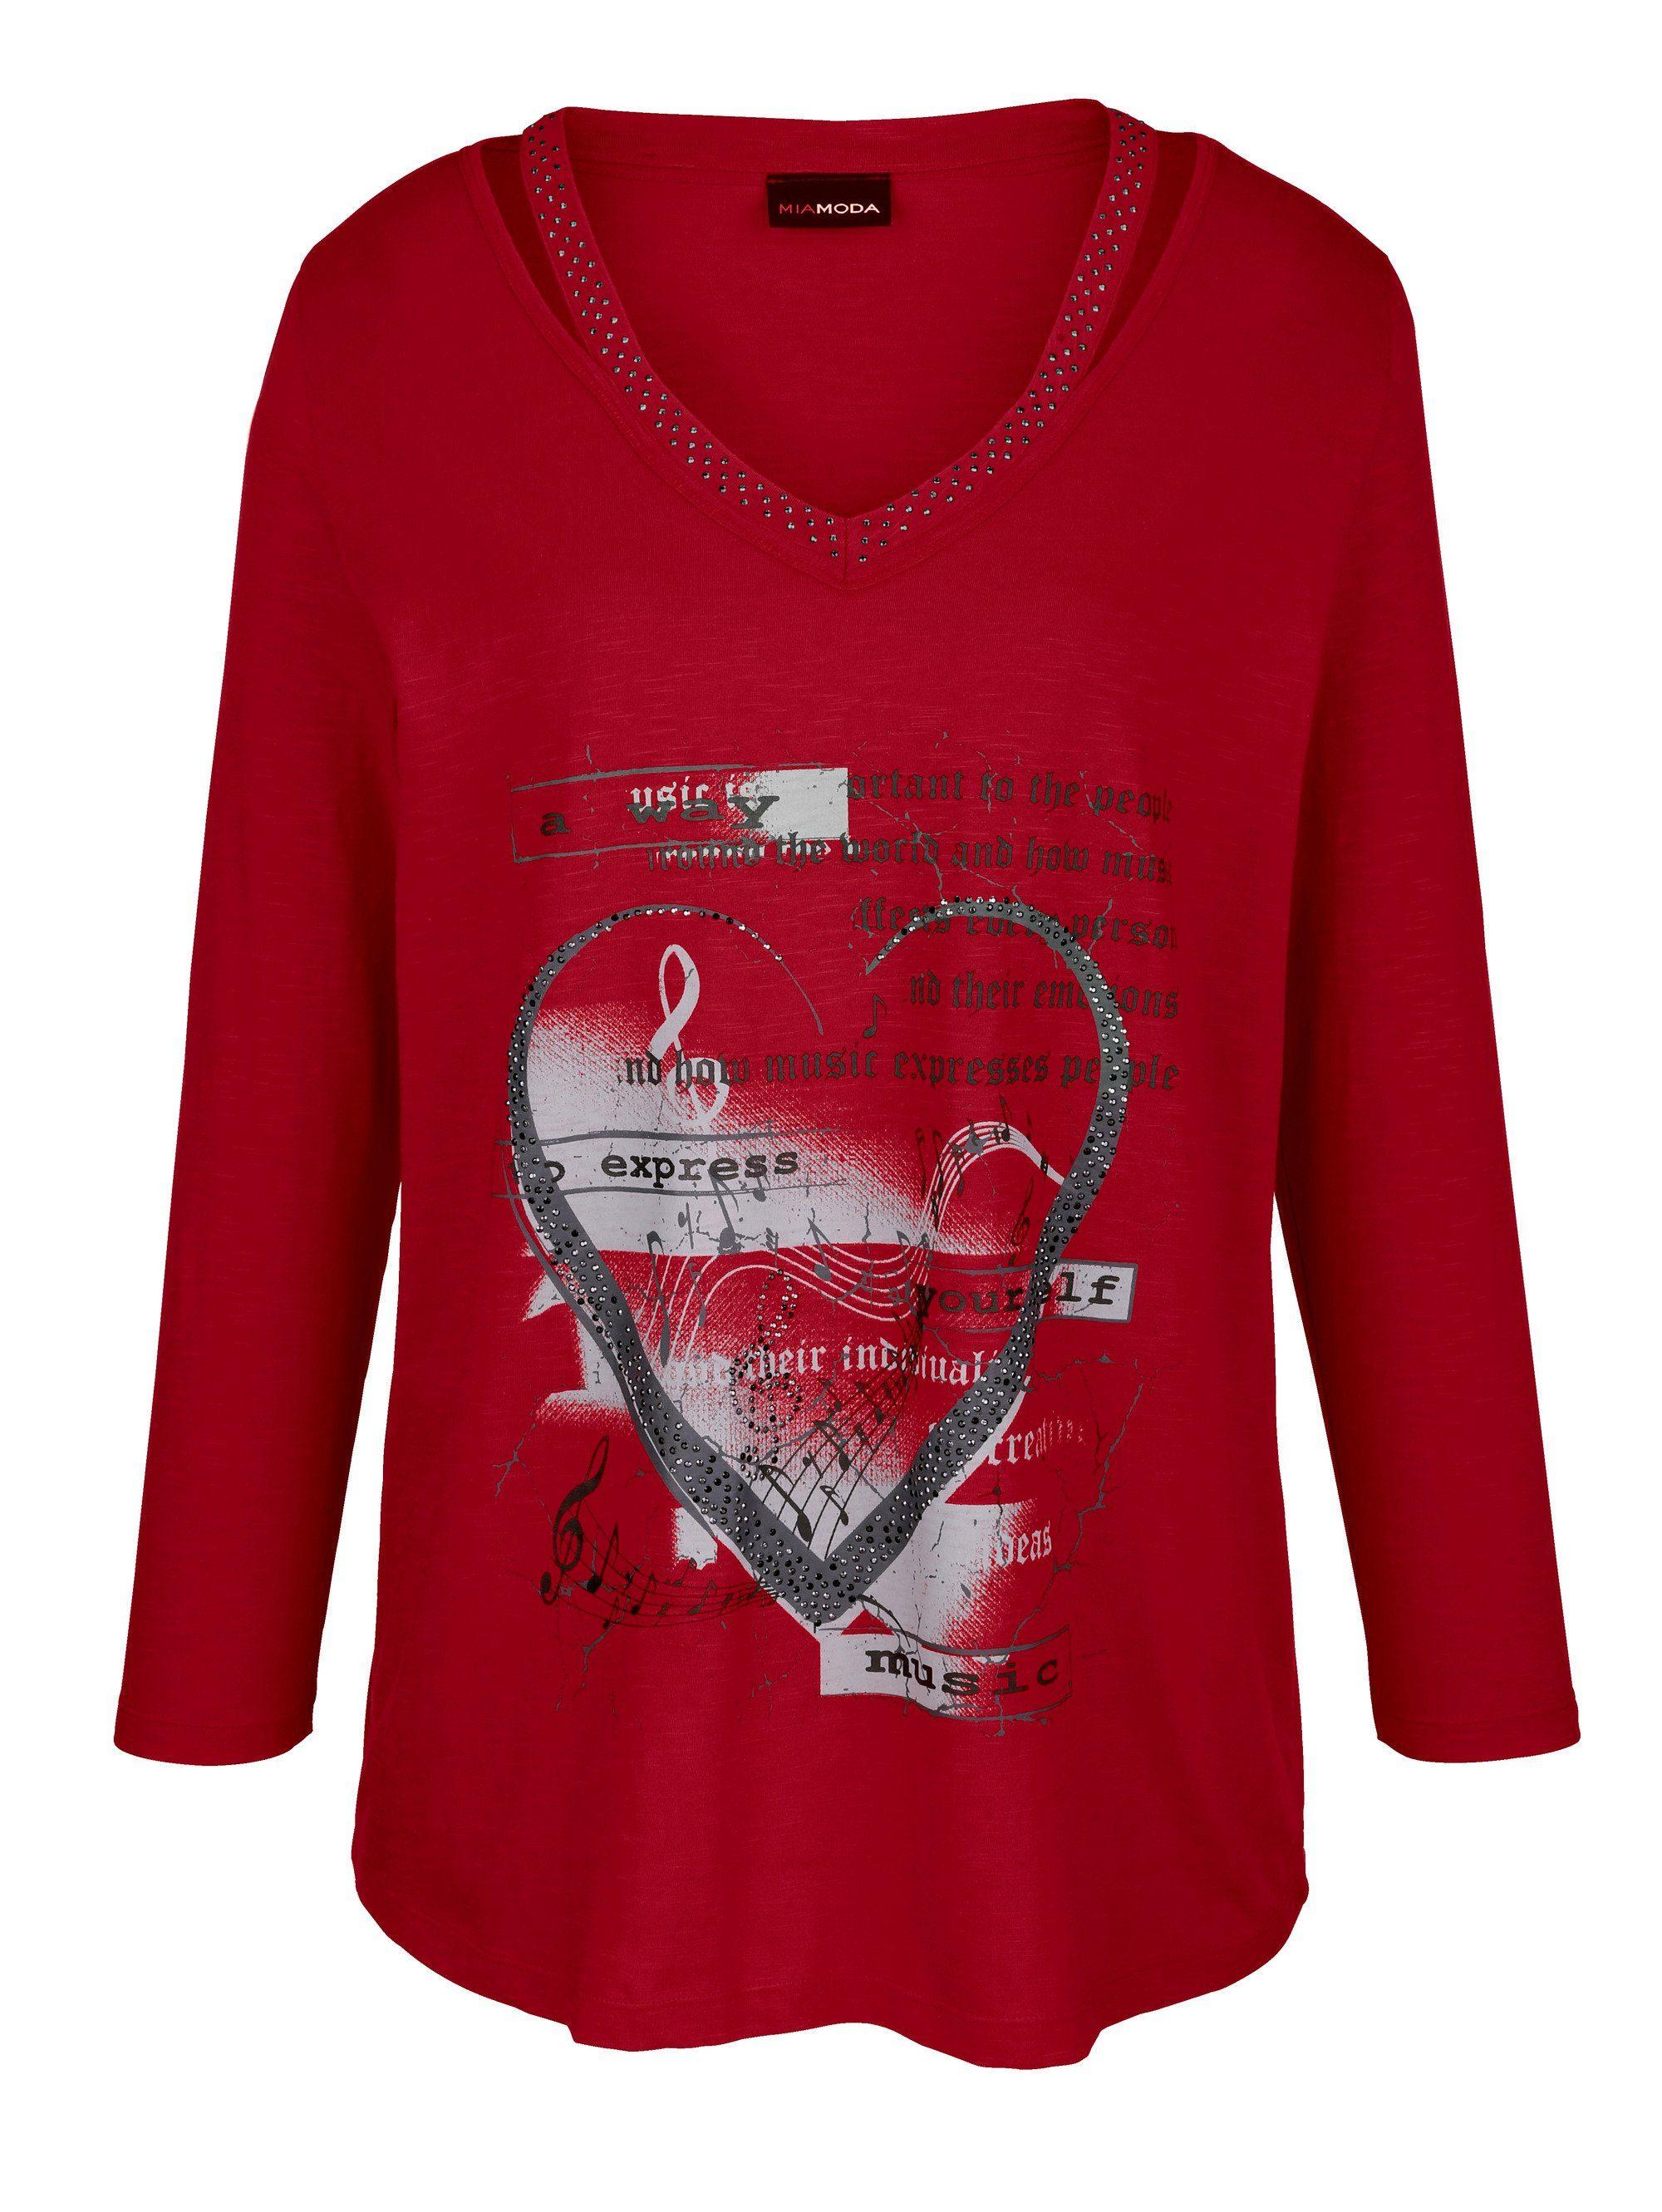 5222 QUEEN OF THE NIGHT Gothic Shirt Girlie Top mit Spitze von Spiral